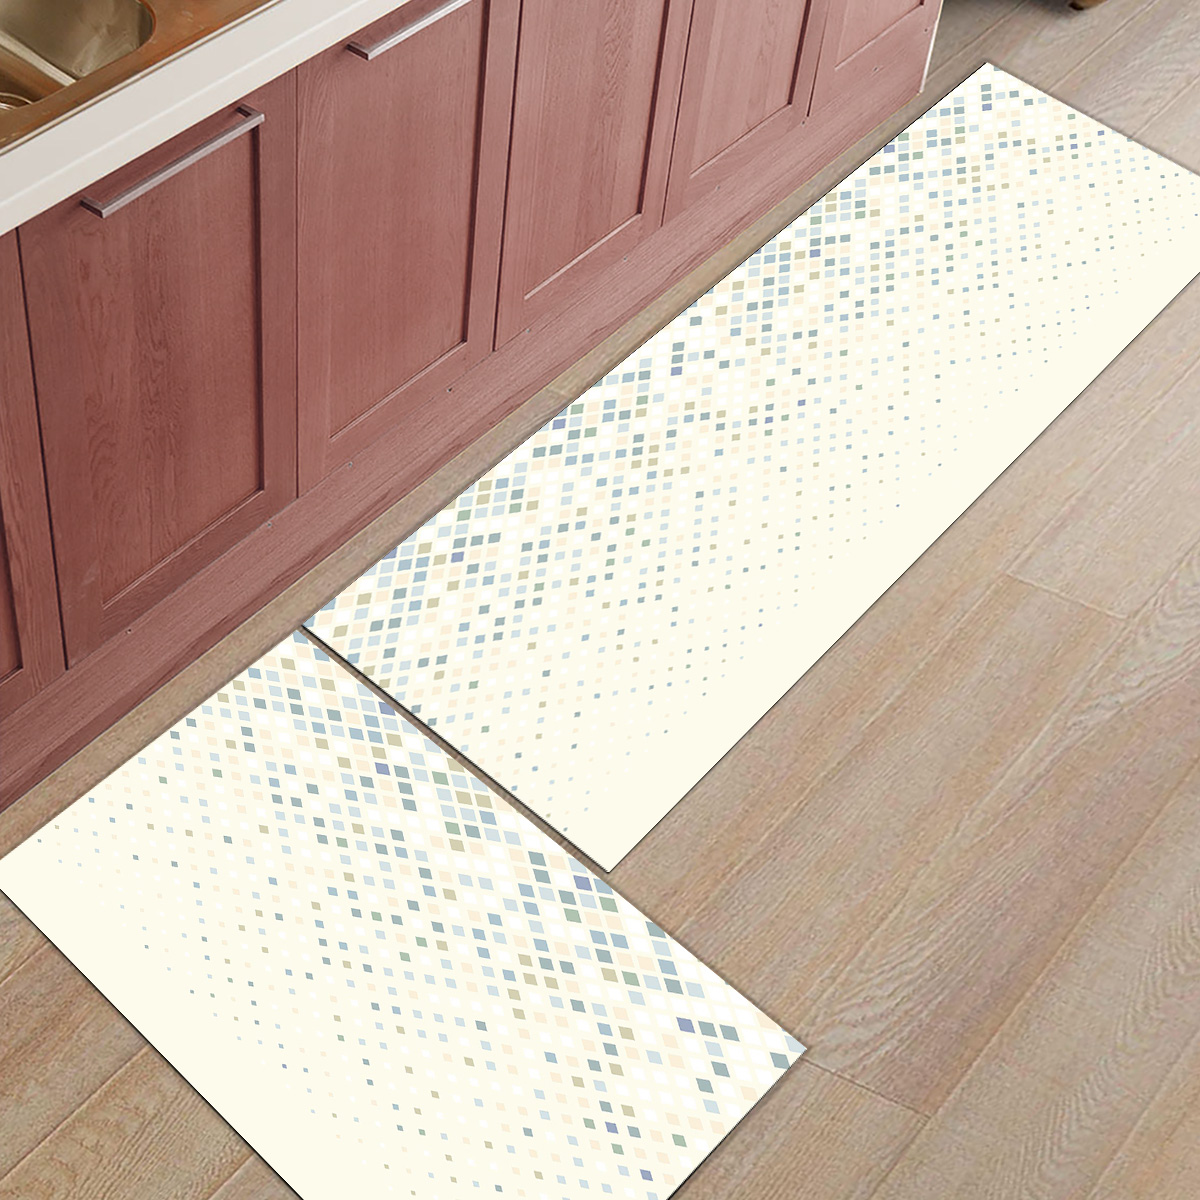 Tapis de cuisine nordique géométrique 2 pièces paillassons pour entrée accessoires de salle de bain Set saleté débris boue trappeur chaussures de démarrage gratter